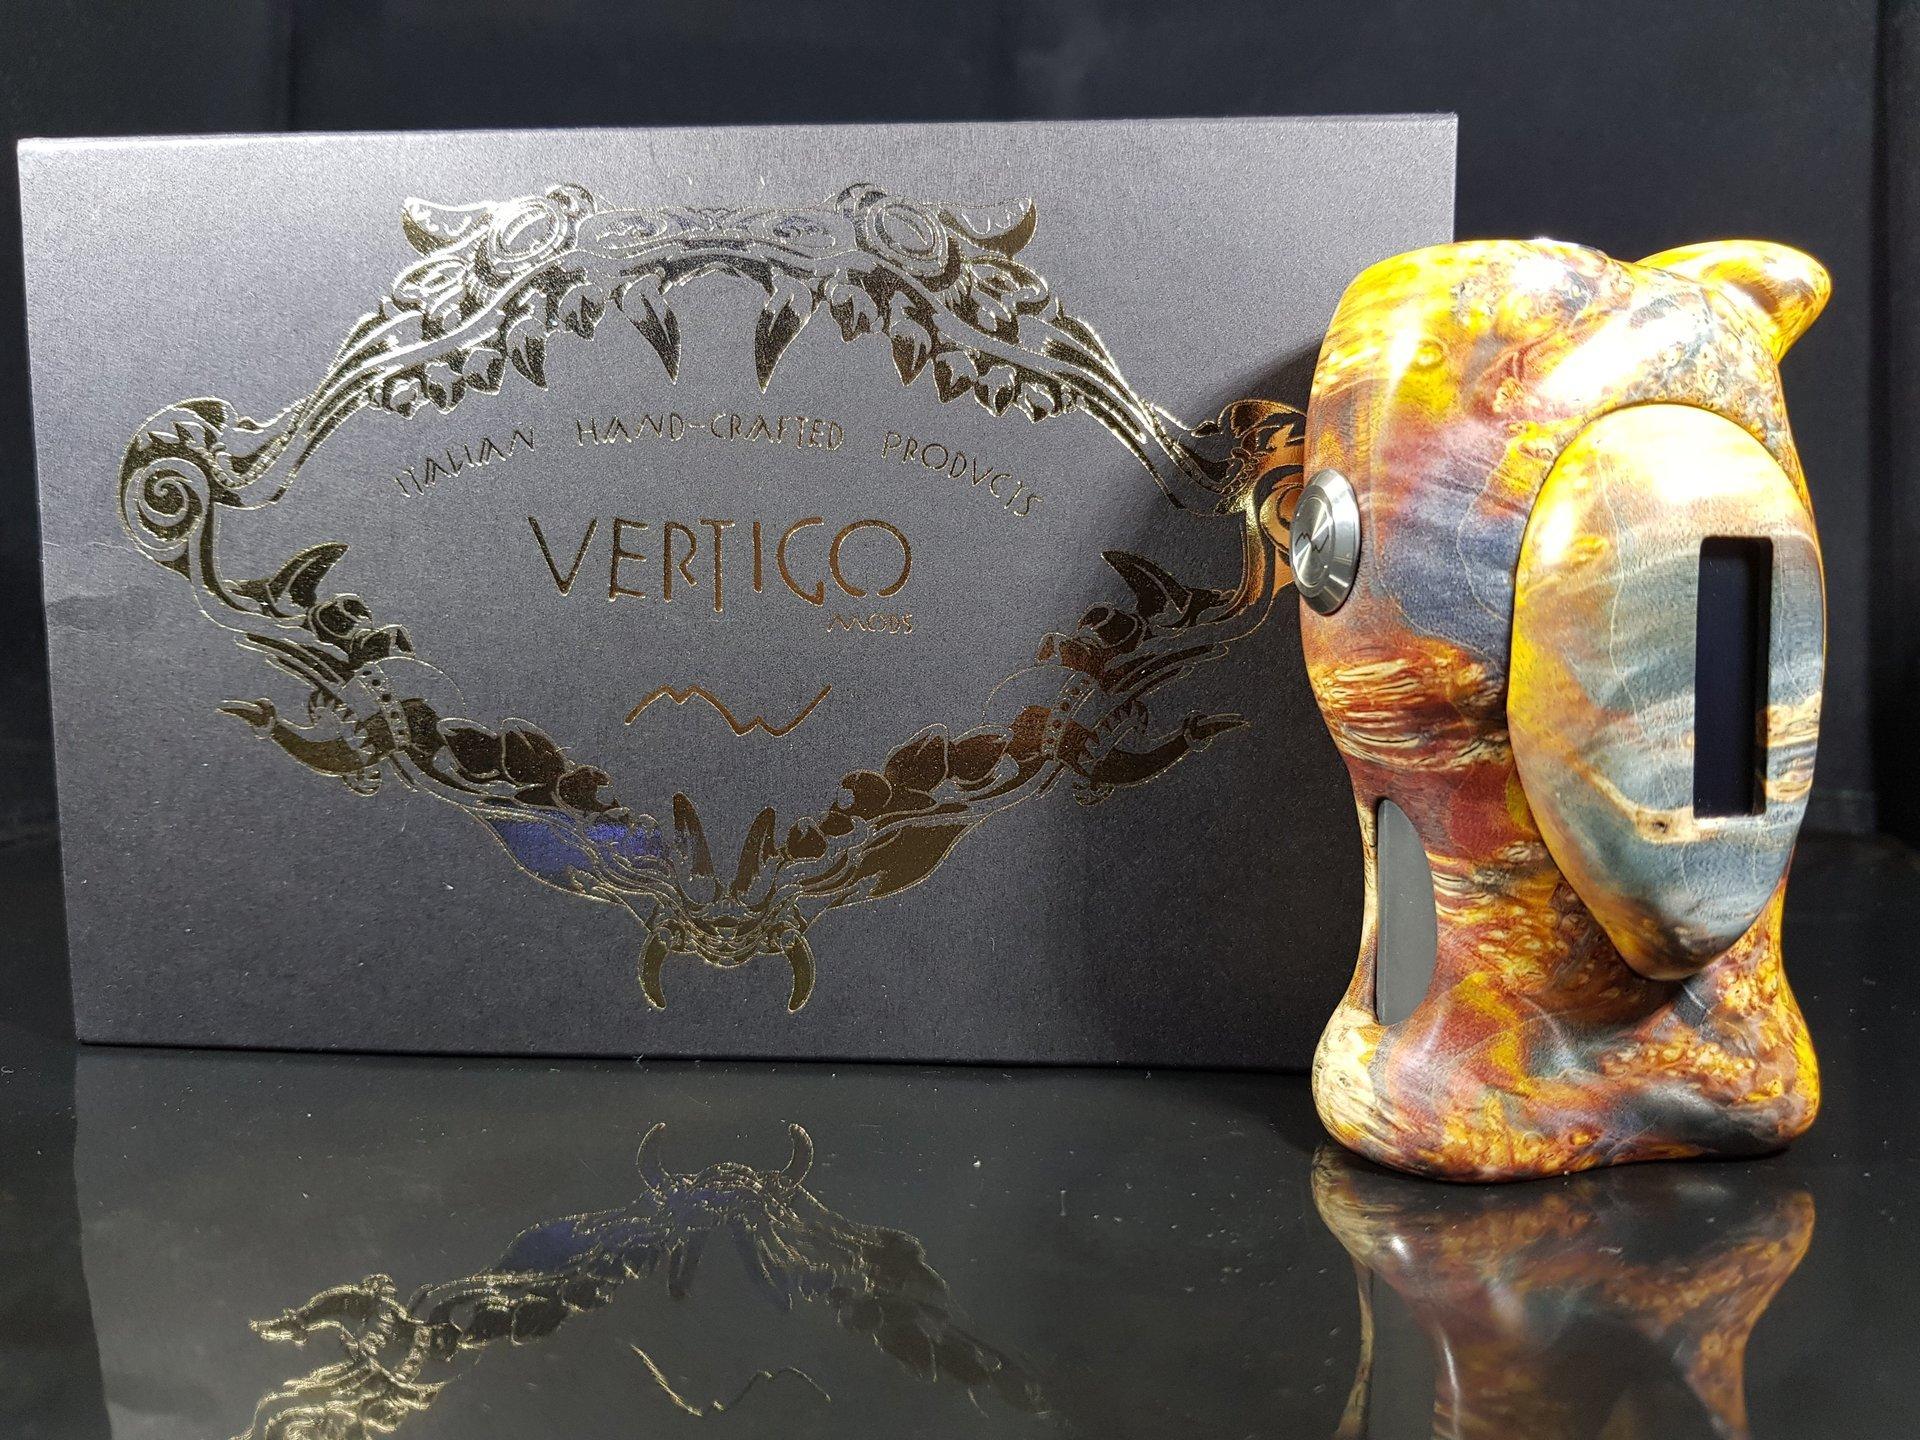 Vertigo Mods Italian Handmade Stabilized Wood Mods